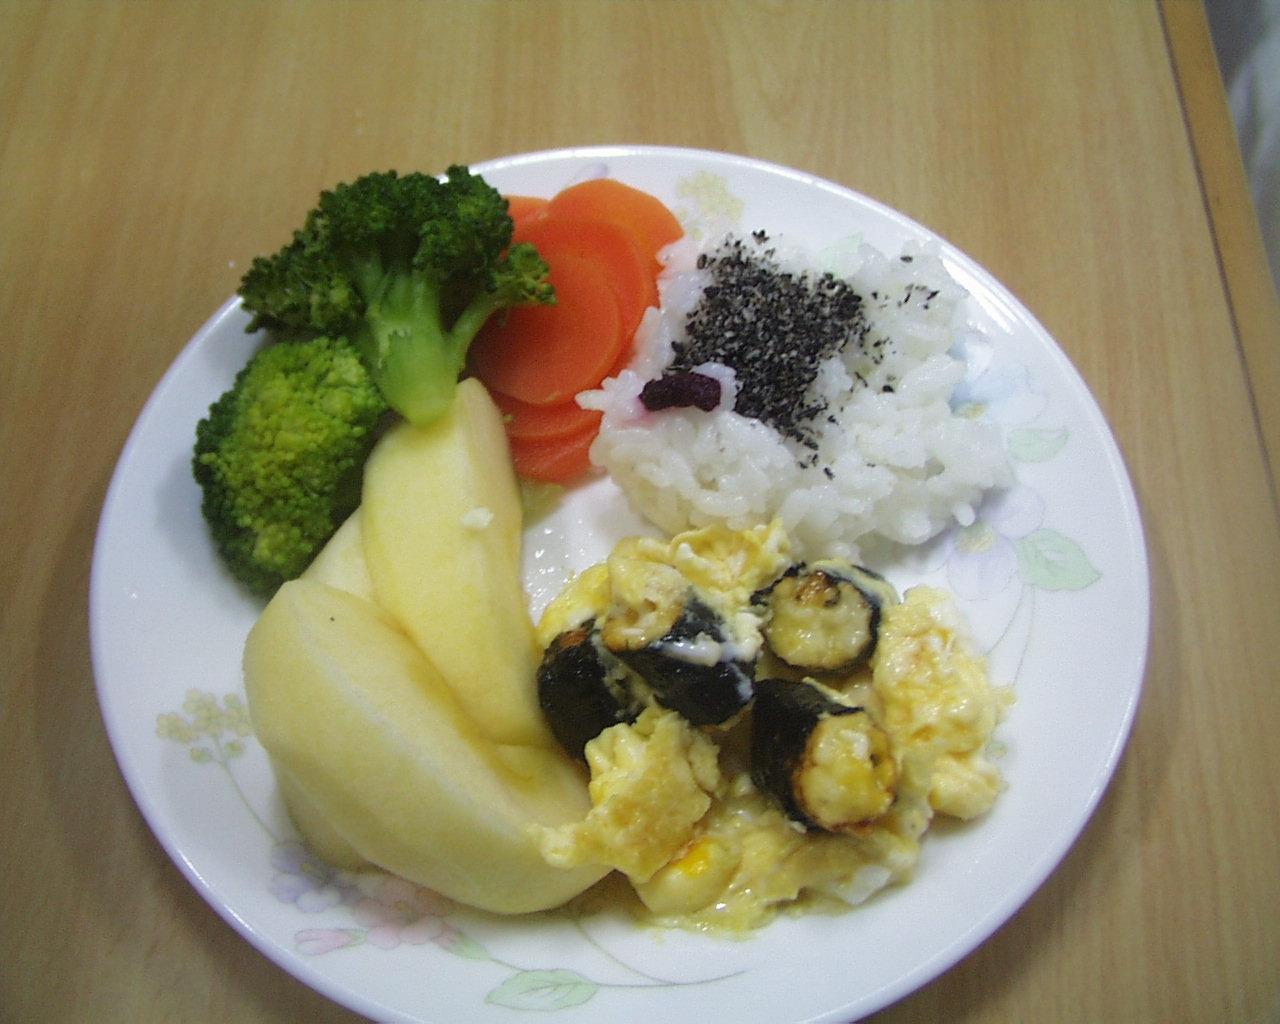 ごはんと、あられオムレツ、野菜の盛り合わせ